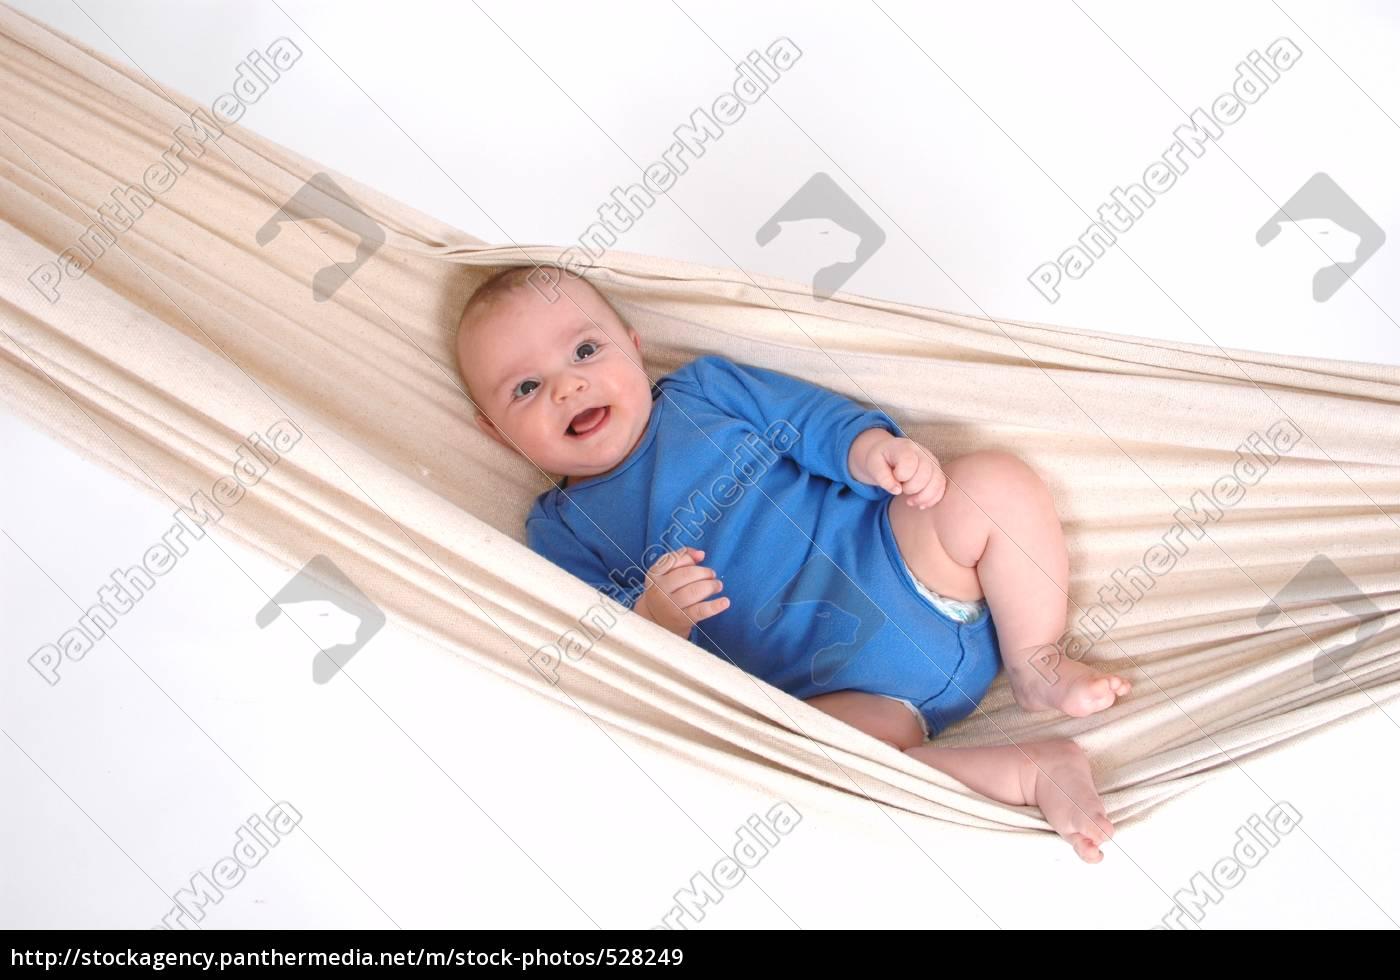 baby, chilli - 528249